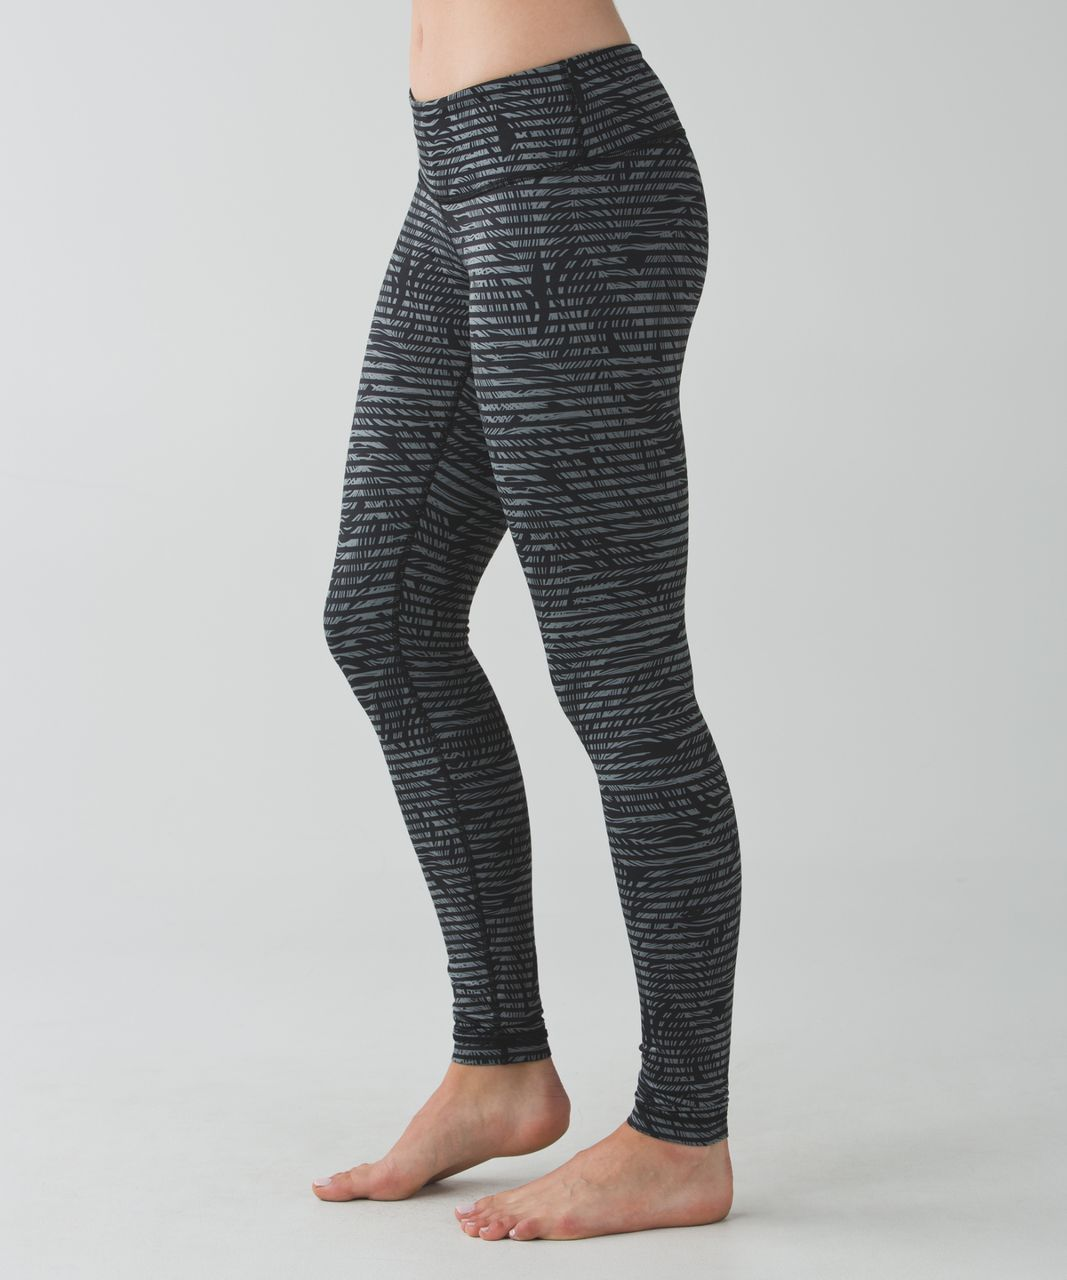 Lululemon Wunder Under Pant *Full-On Luon - Stripe Play Slate Black